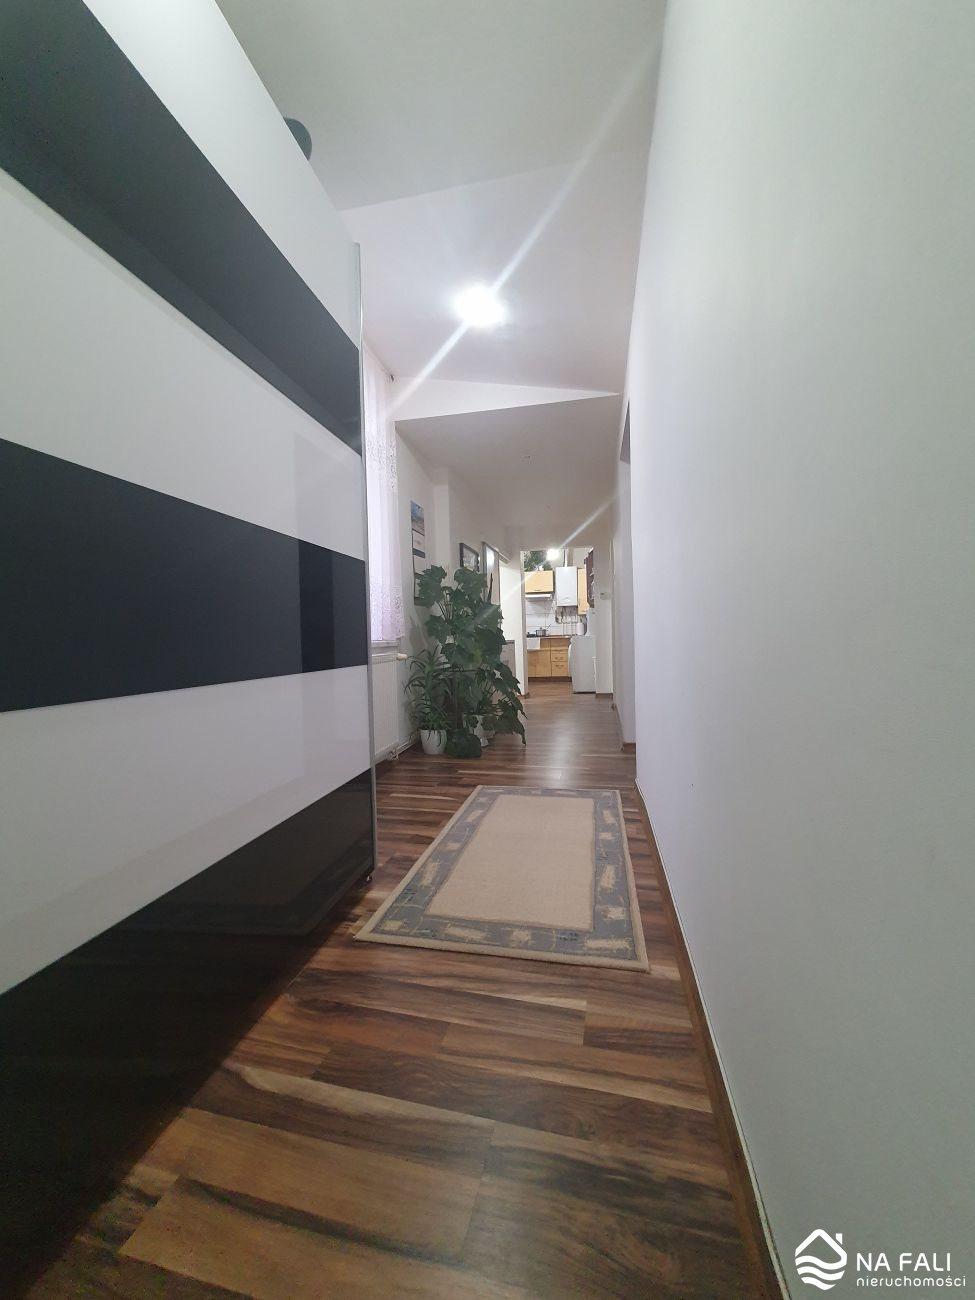 Mieszkanie dwupokojowe na sprzedaż Kołobrzg, centrum miasta  78m2 Foto 9